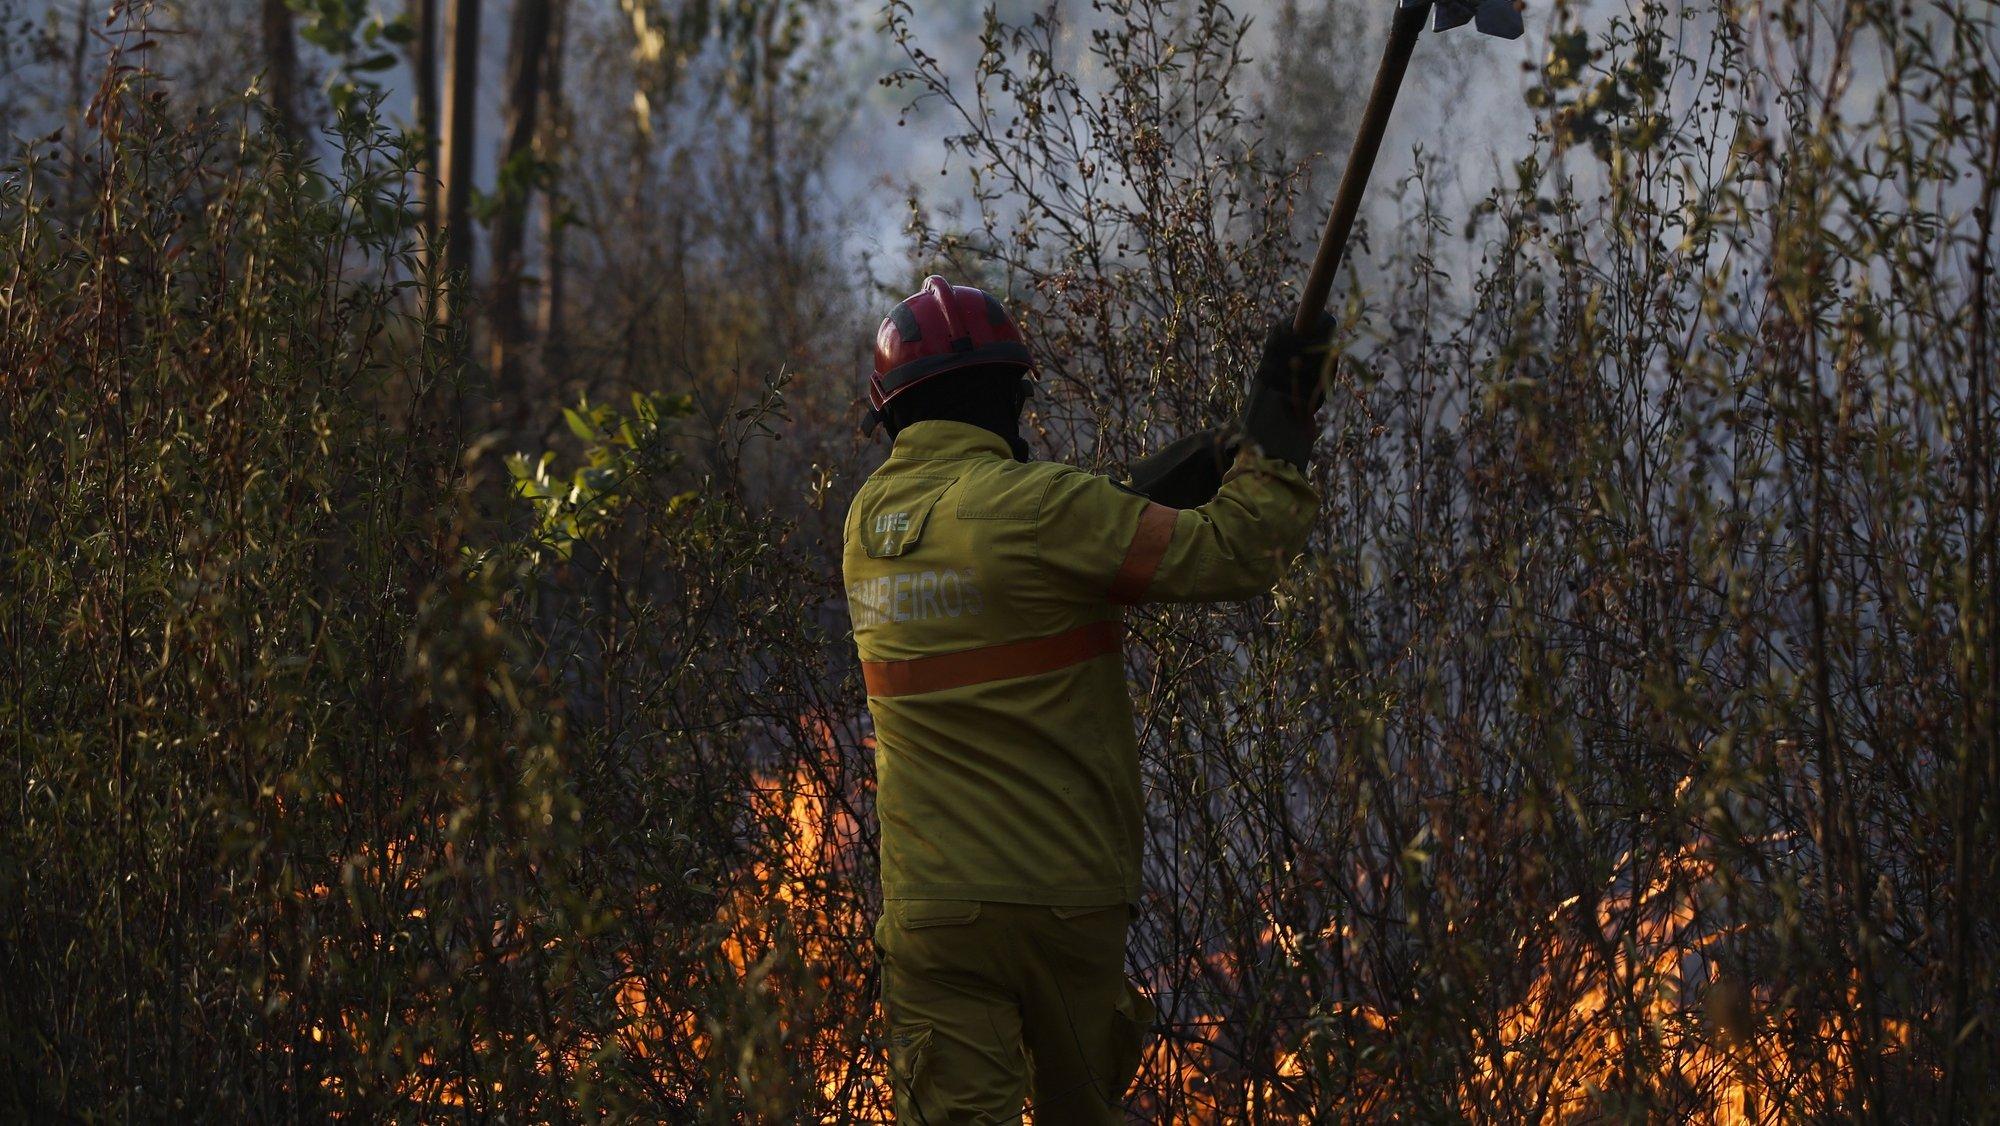 Um bombeiros combate um incêndio em Glória do Ribatejo, no concelho de Salvaterra de Magos, 22 agosto 2021. O incêndio que lavradesde cerca das 15:00 de hoje em Salvaterra de Magos causou um ferido ligeiro, o condicionamento da uma estrada e o corte da linha férrea de Vendas Novas. PAULO CUNHA/LUSA